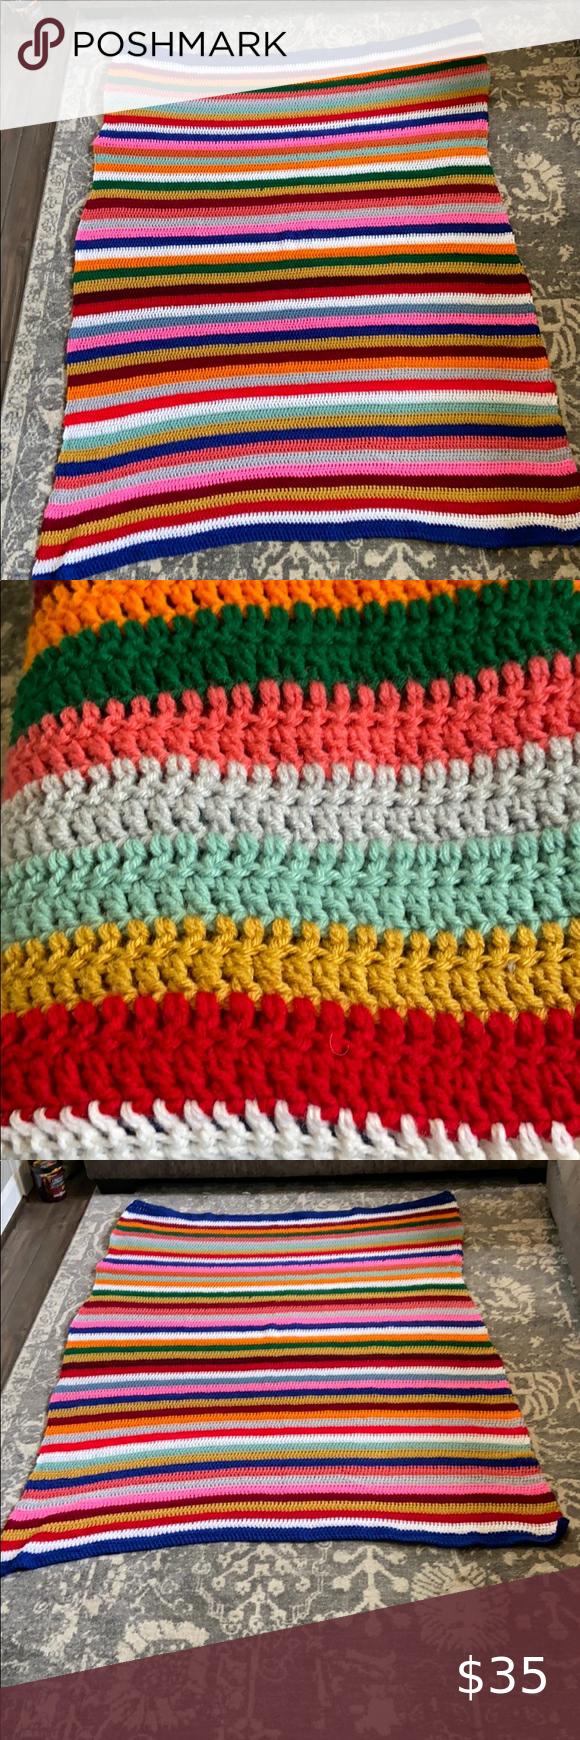 Handmade crocheted blanket